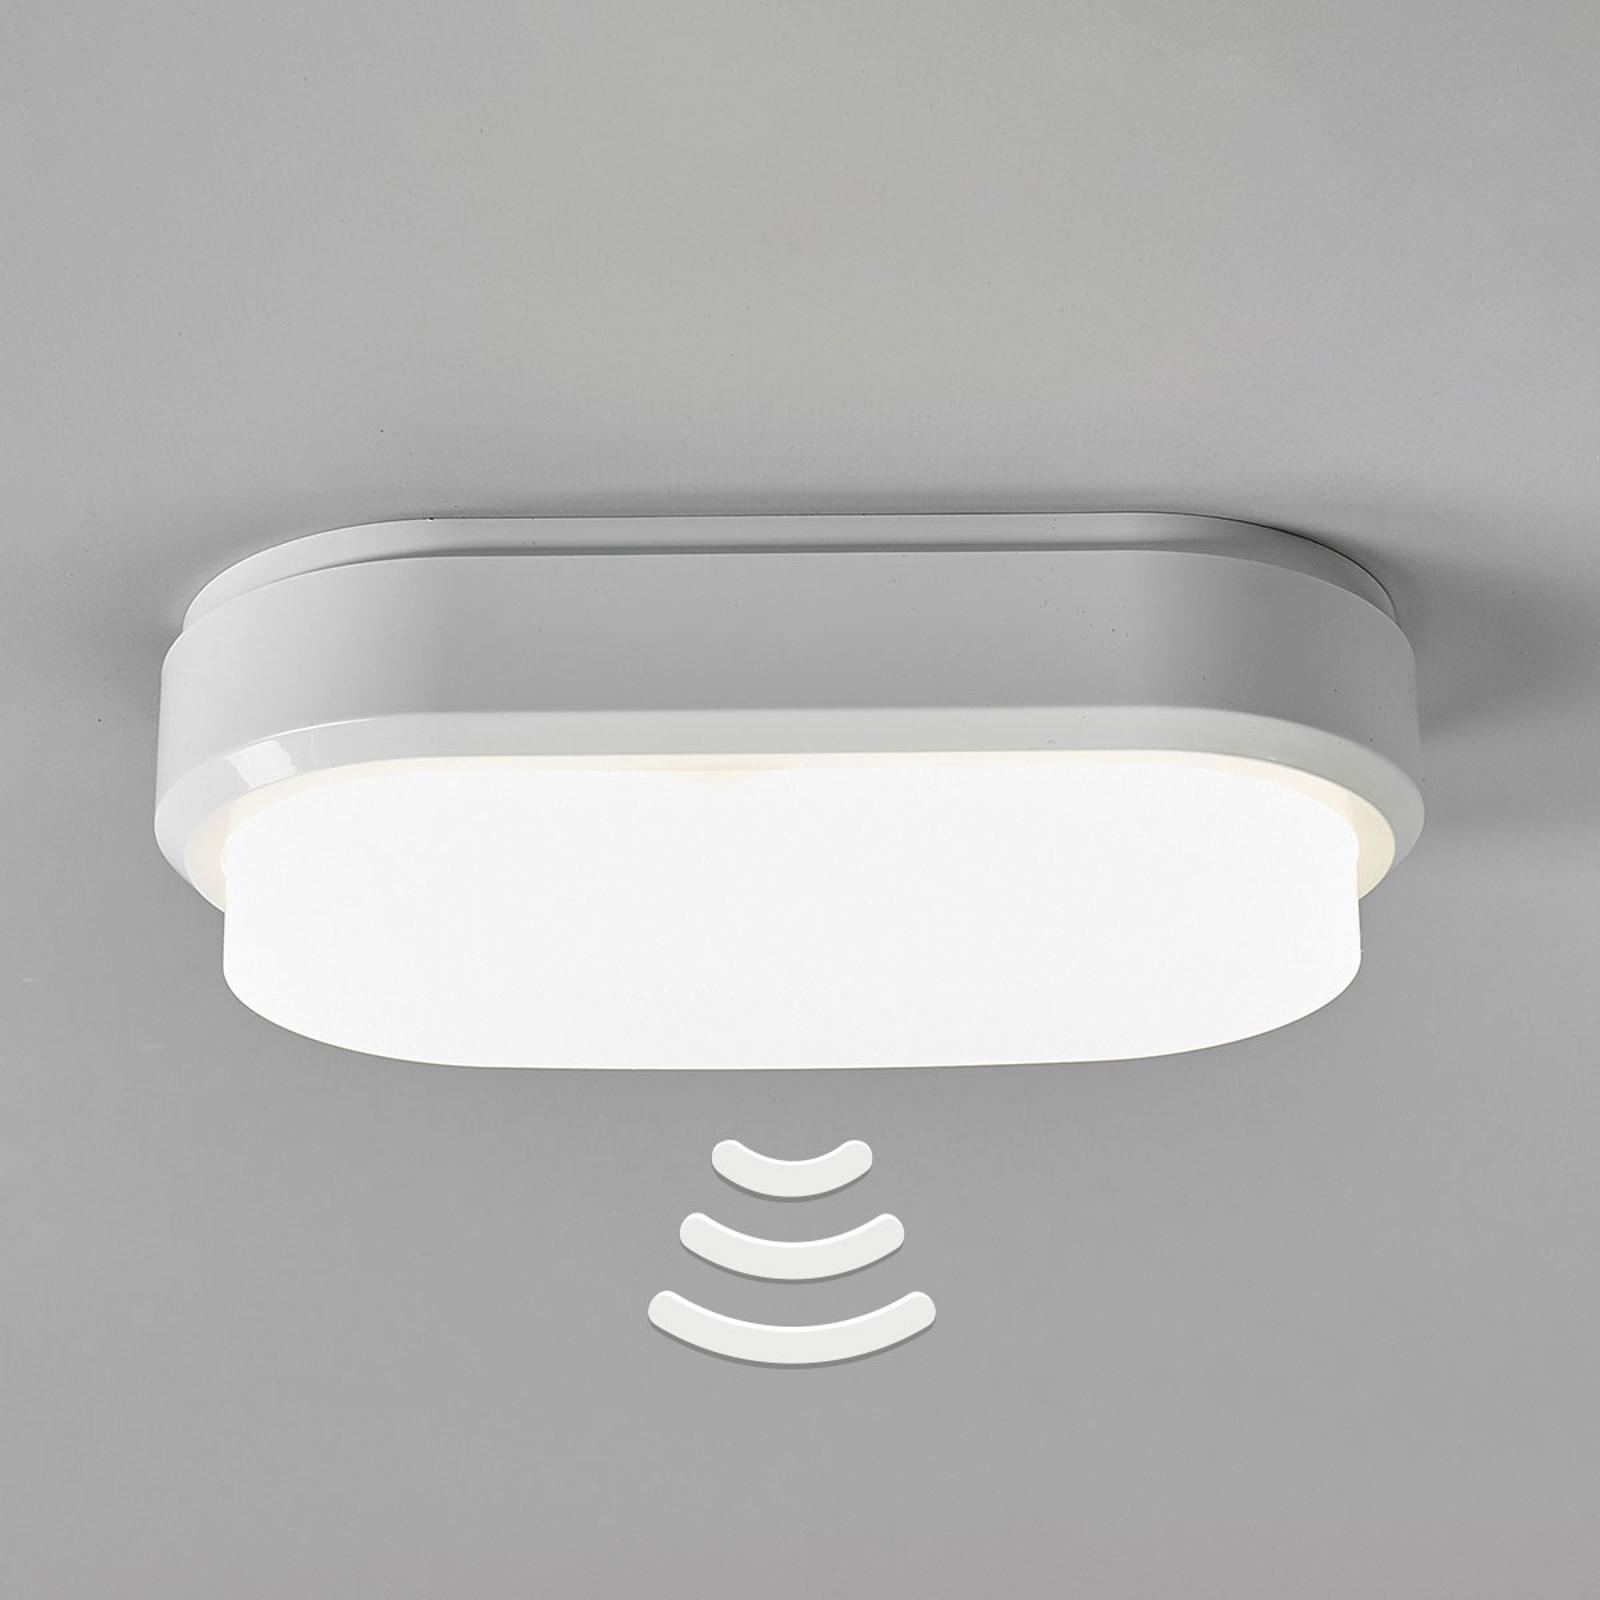 Bulkhead - plafonnier LED ovale avec détecteur